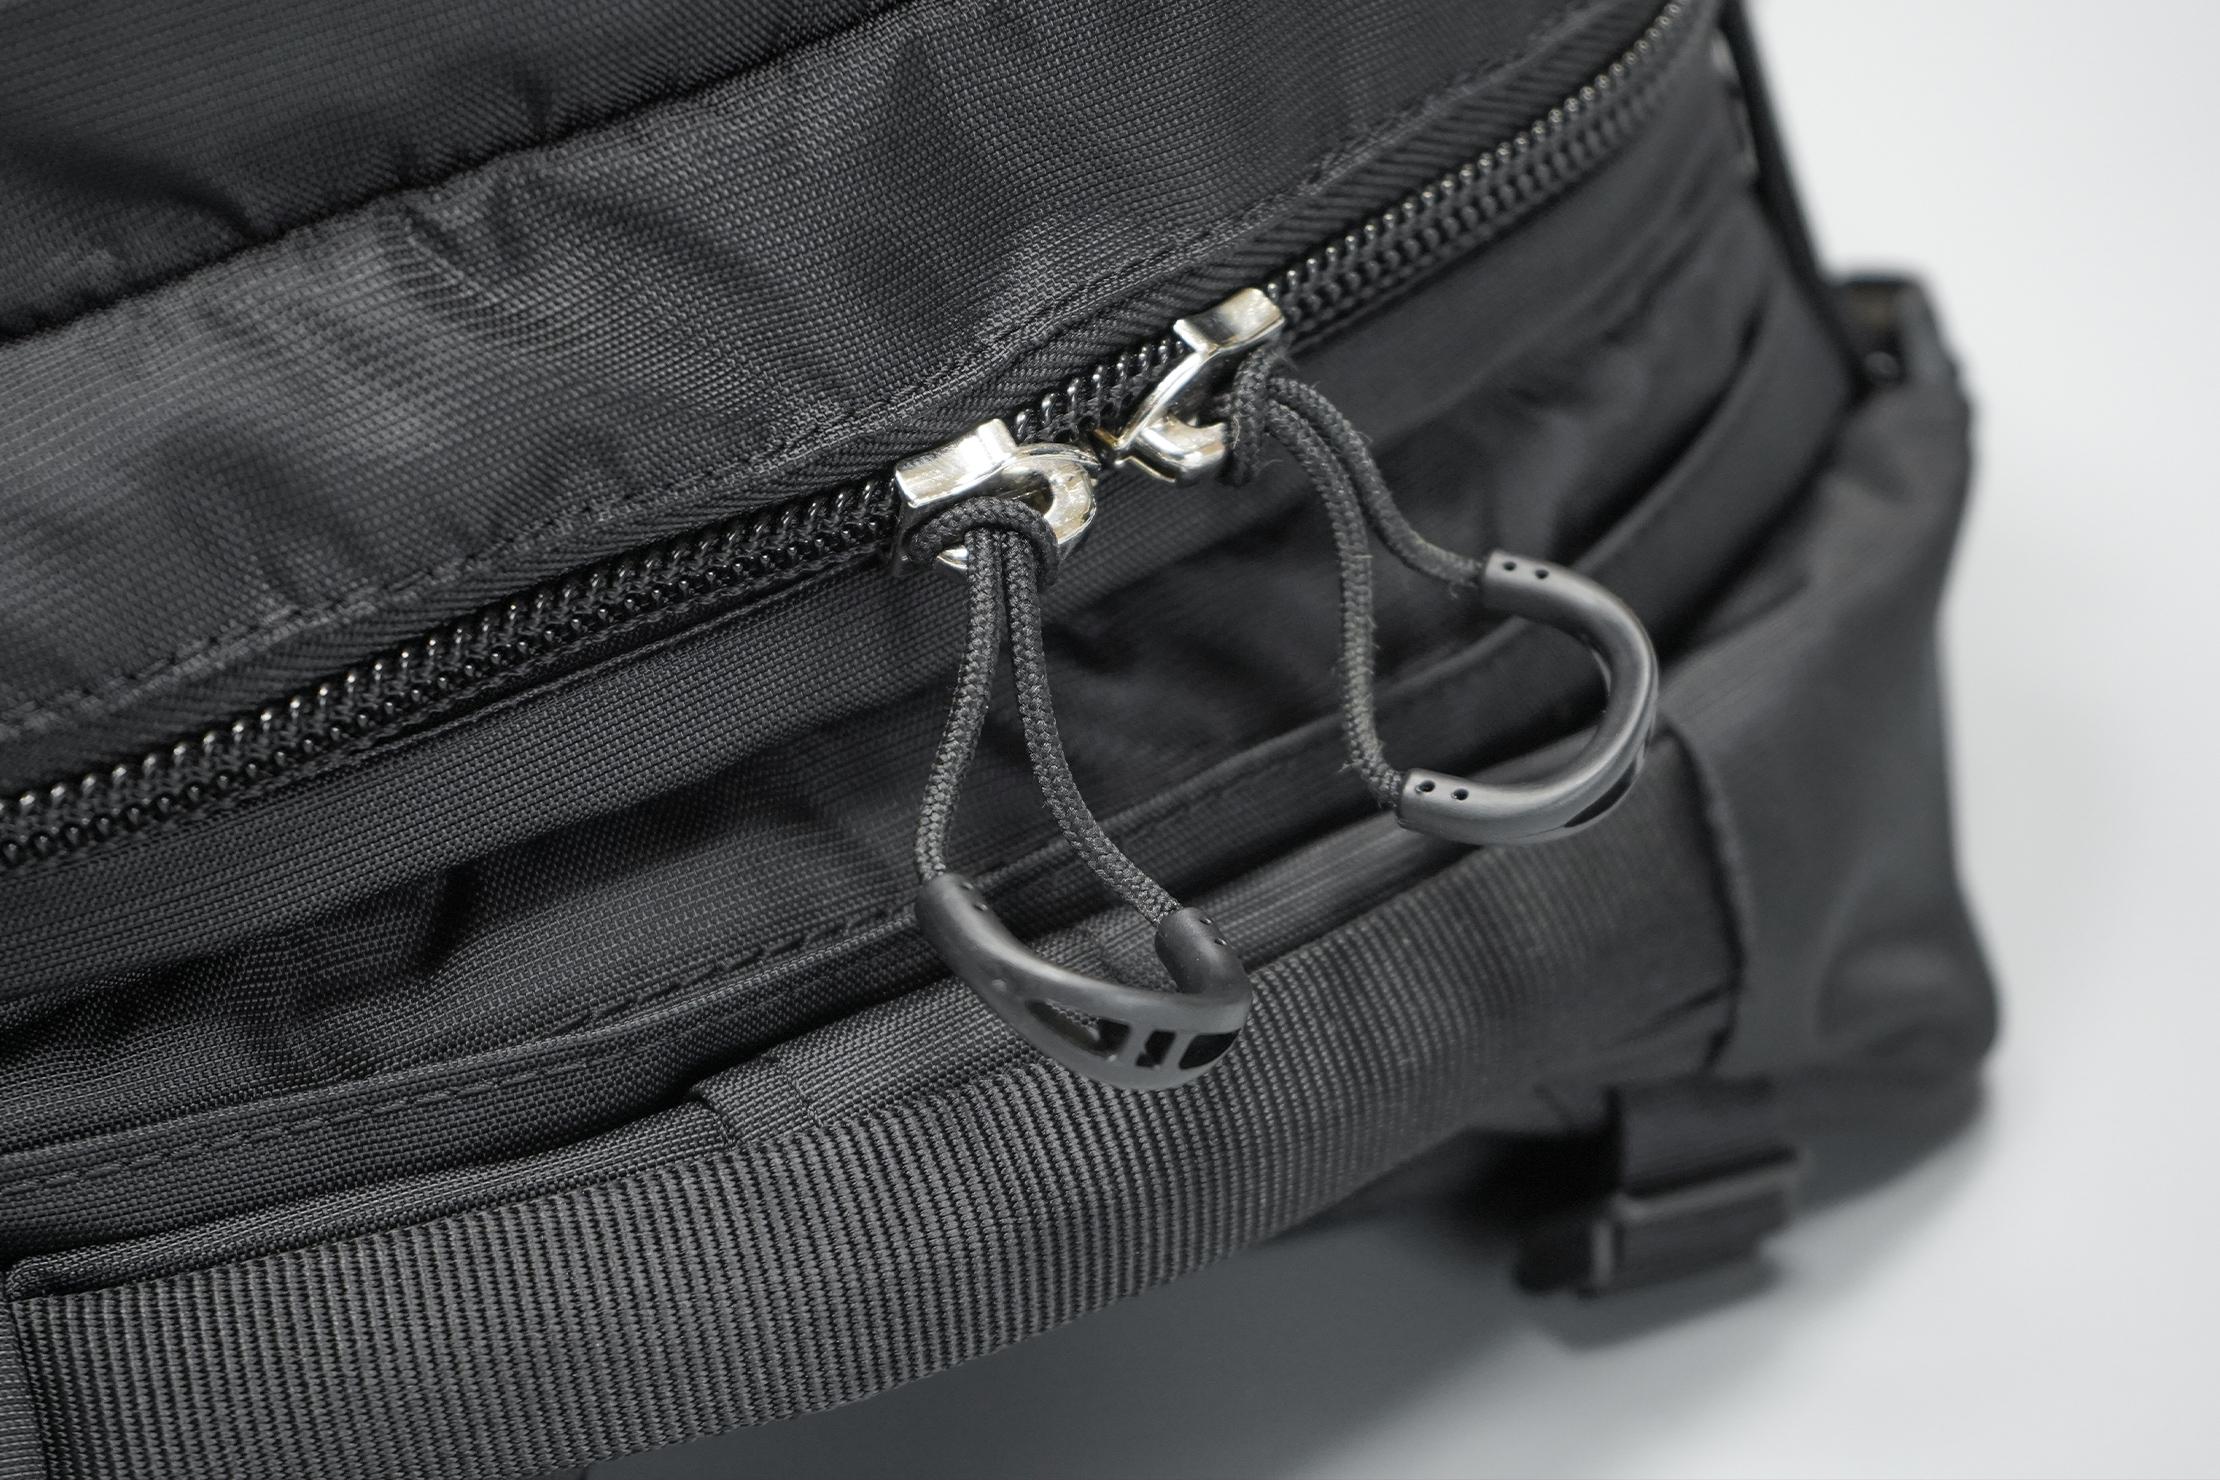 Osprey Tropos Zippers